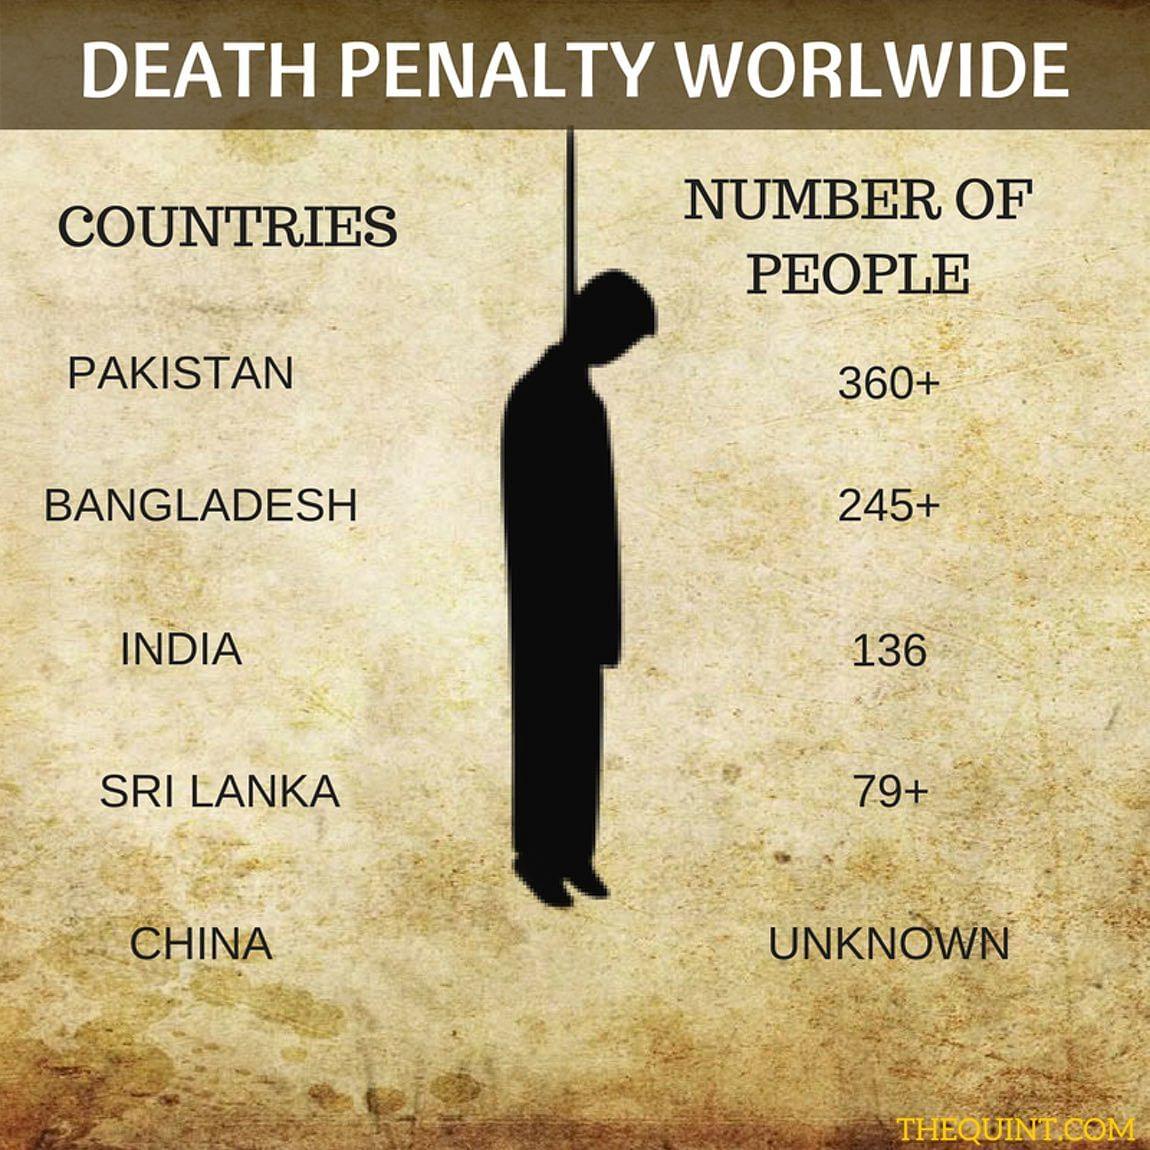 अलग-अलग देशों में मौत की सजा पाने वाले लोगों की संख्या.